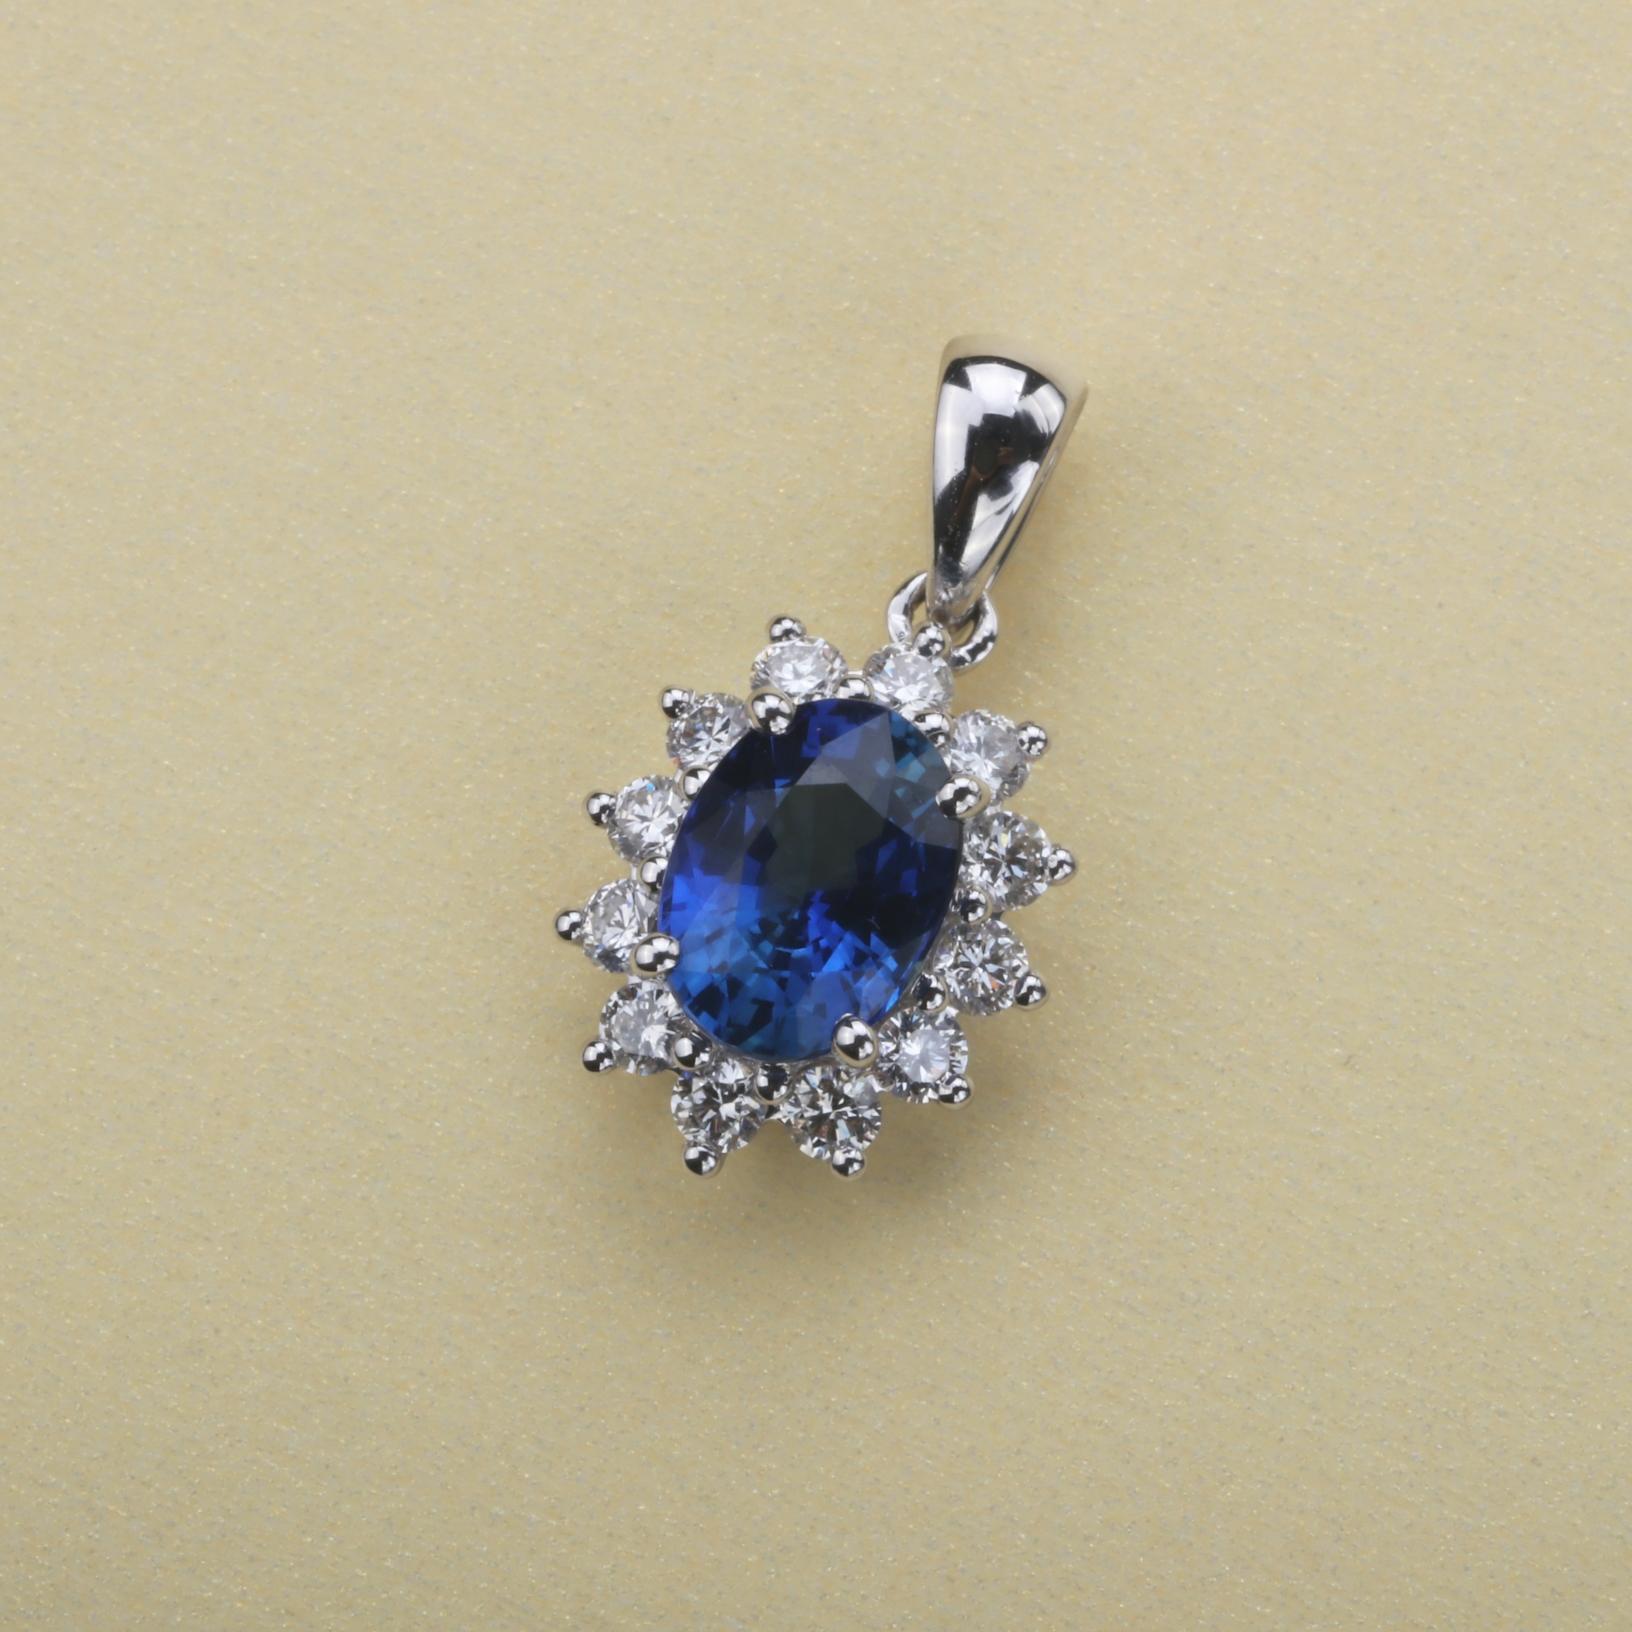 【吊坠】18k金+蓝宝石+钻石  宝石颜色纯正(不含链子) 货重:1.34g  主石:1.01ct